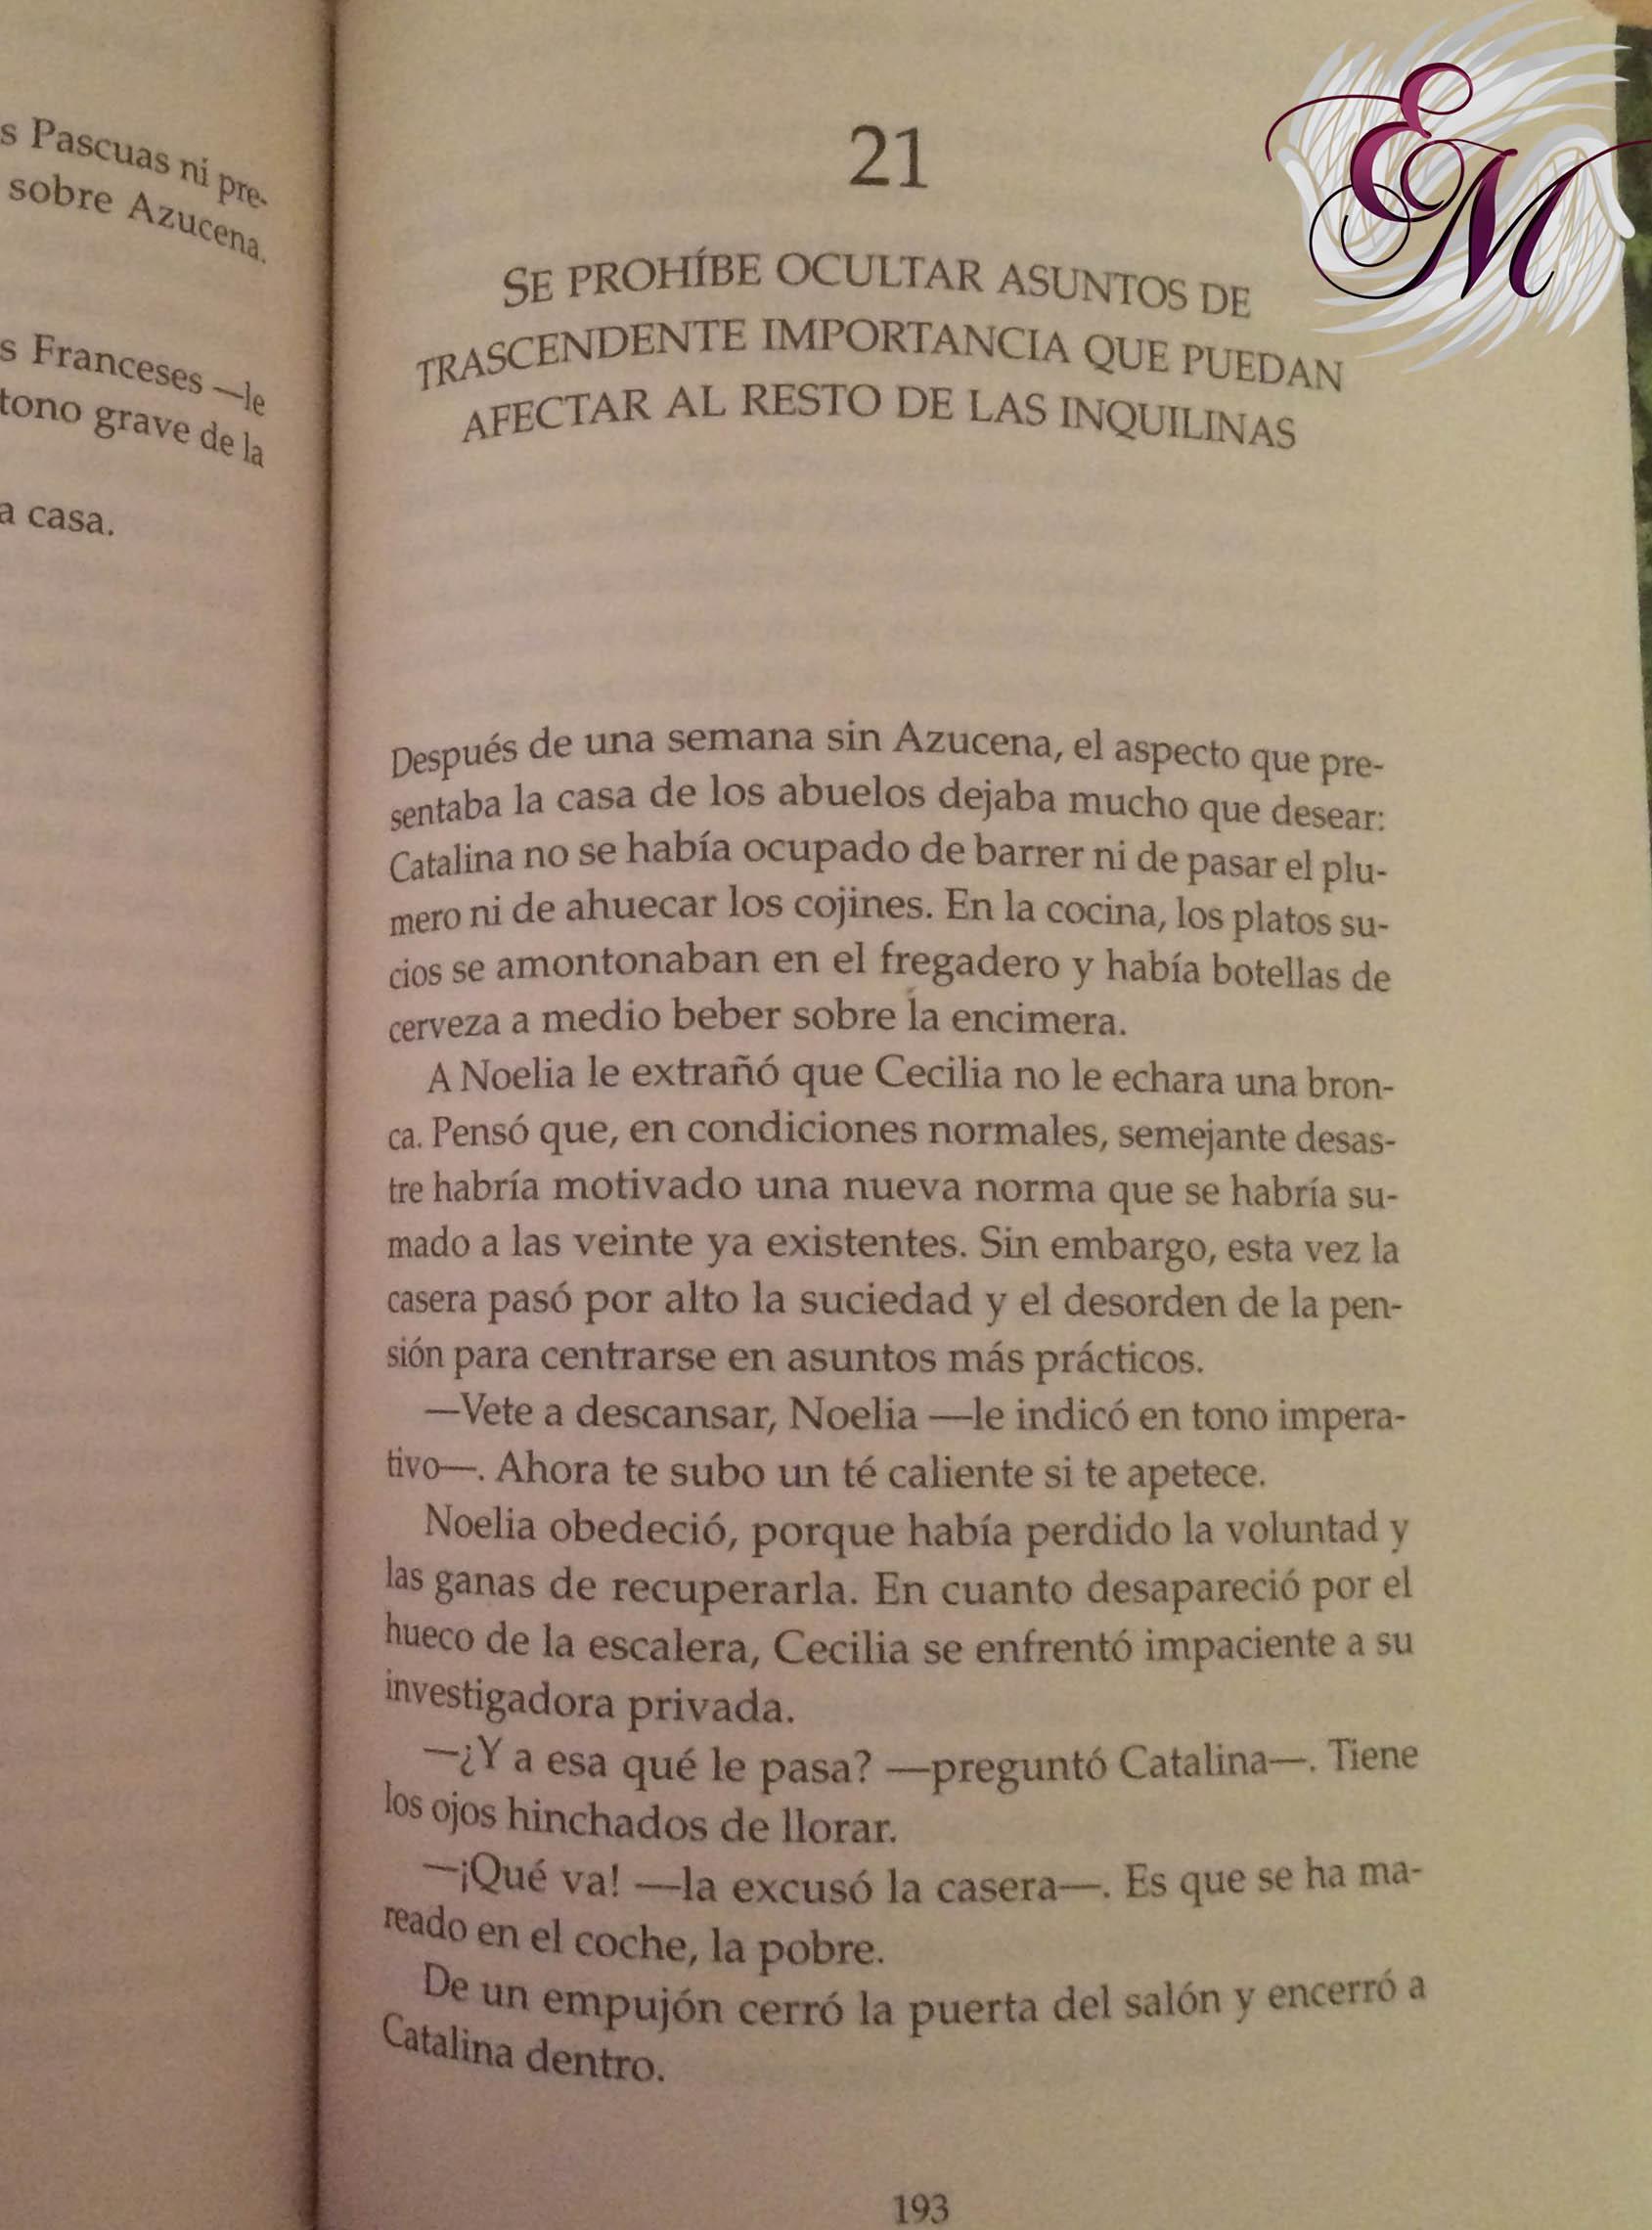 Se prohíbe mantener afectos desmedidos en la puerta de la pensión, Mamen Sánchez - Reseña